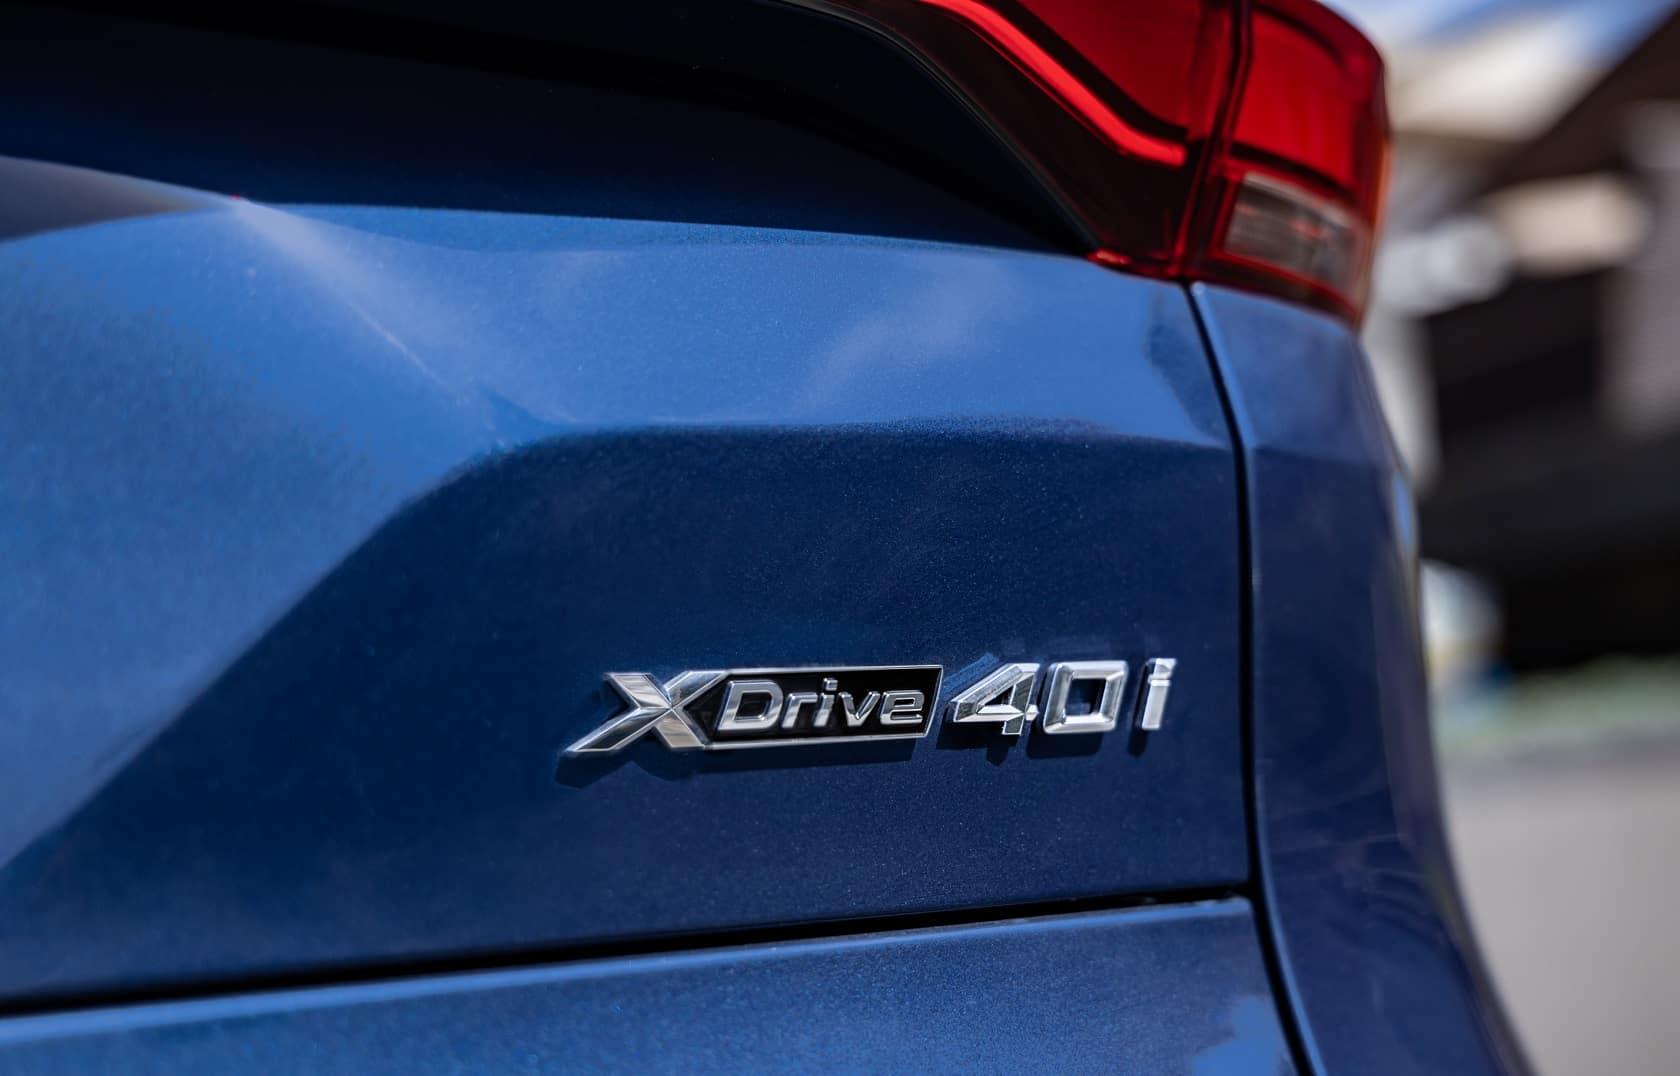 BMW X5 xDrive40i Trim Level